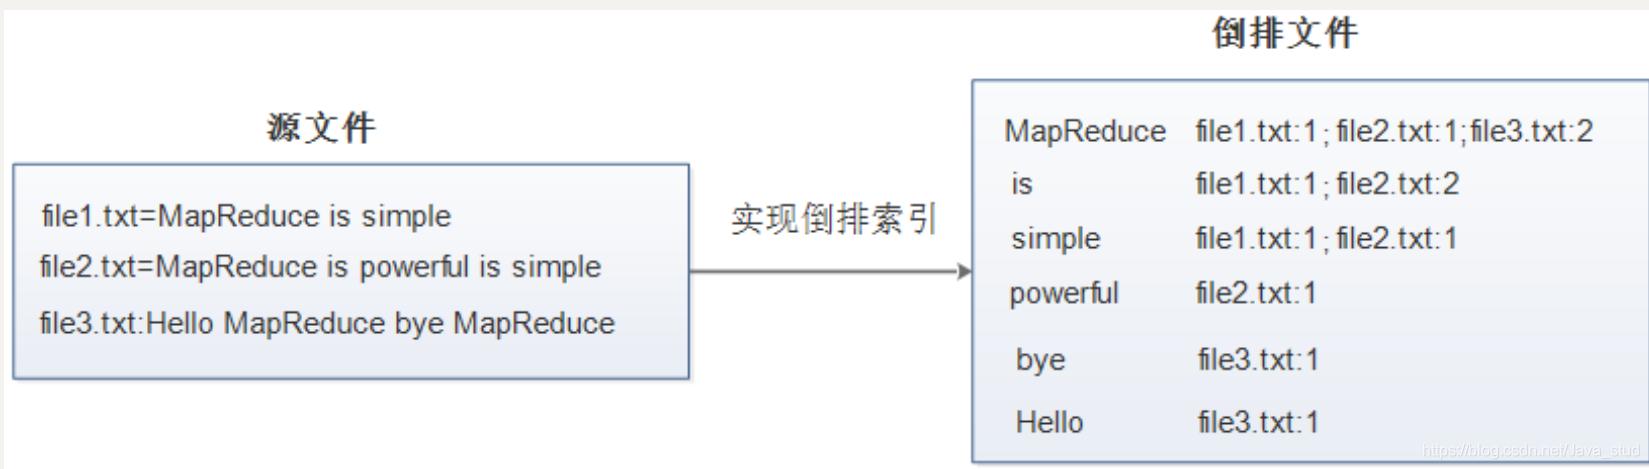 [外链图片转存失败,源站可能有防盗链机制,建议将图片保存下来直接上传(img-x1VLur3n-1600743508815)(hadoop.assets/image-20200906141817413.png)]